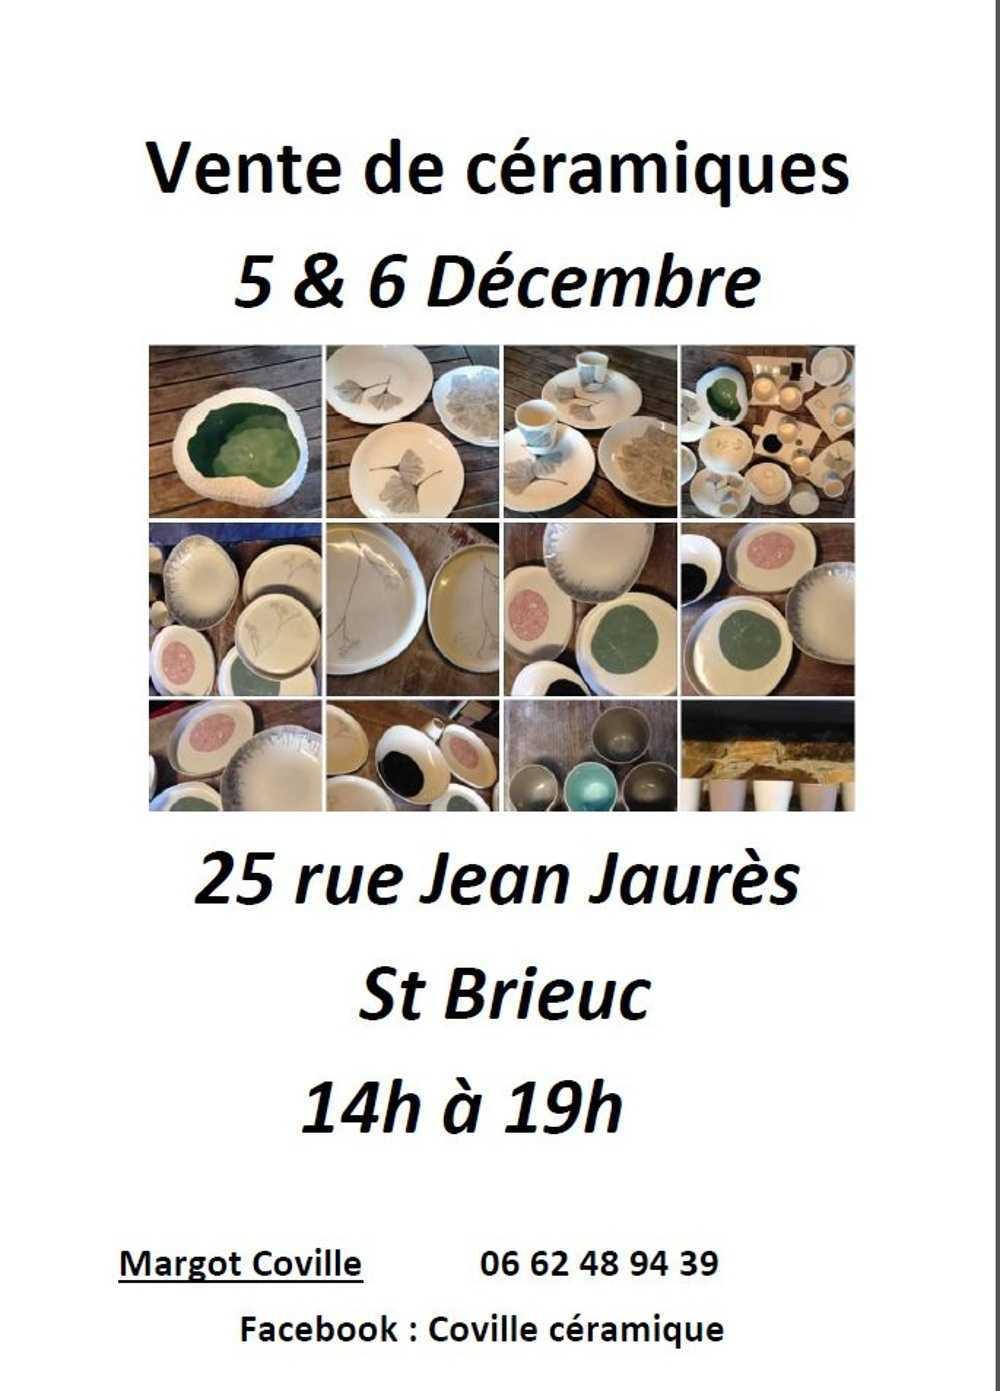 Vente de céramiques 5 et 6 décembre 0